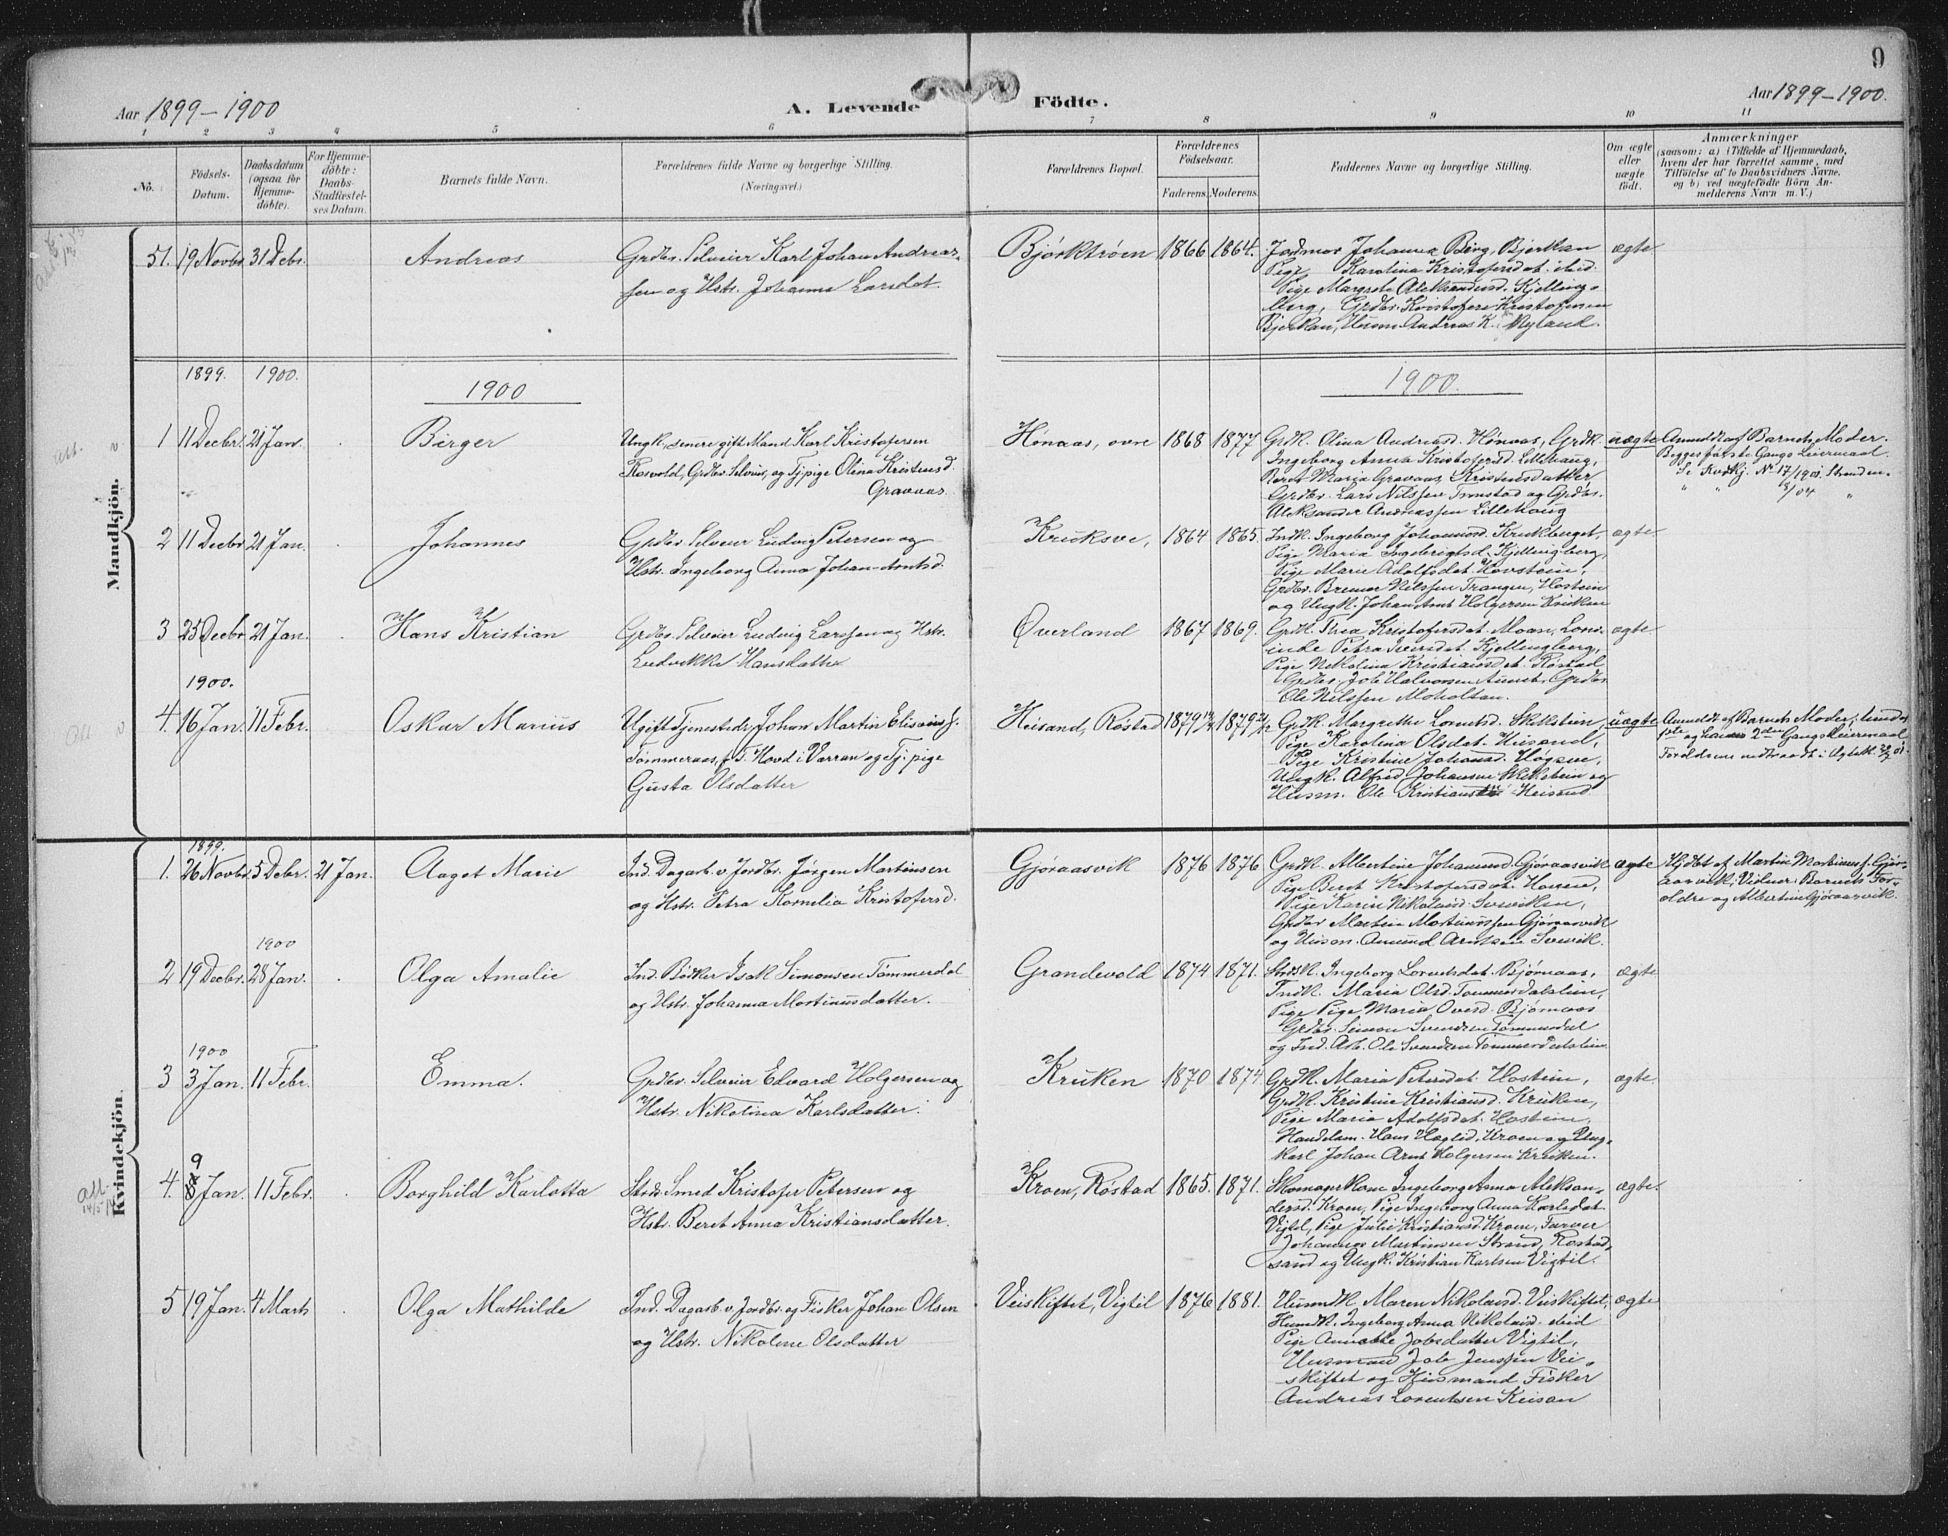 SAT, Ministerialprotokoller, klokkerbøker og fødselsregistre - Nord-Trøndelag, 701/L0011: Parish register (official) no. 701A11, 1899-1915, p. 9